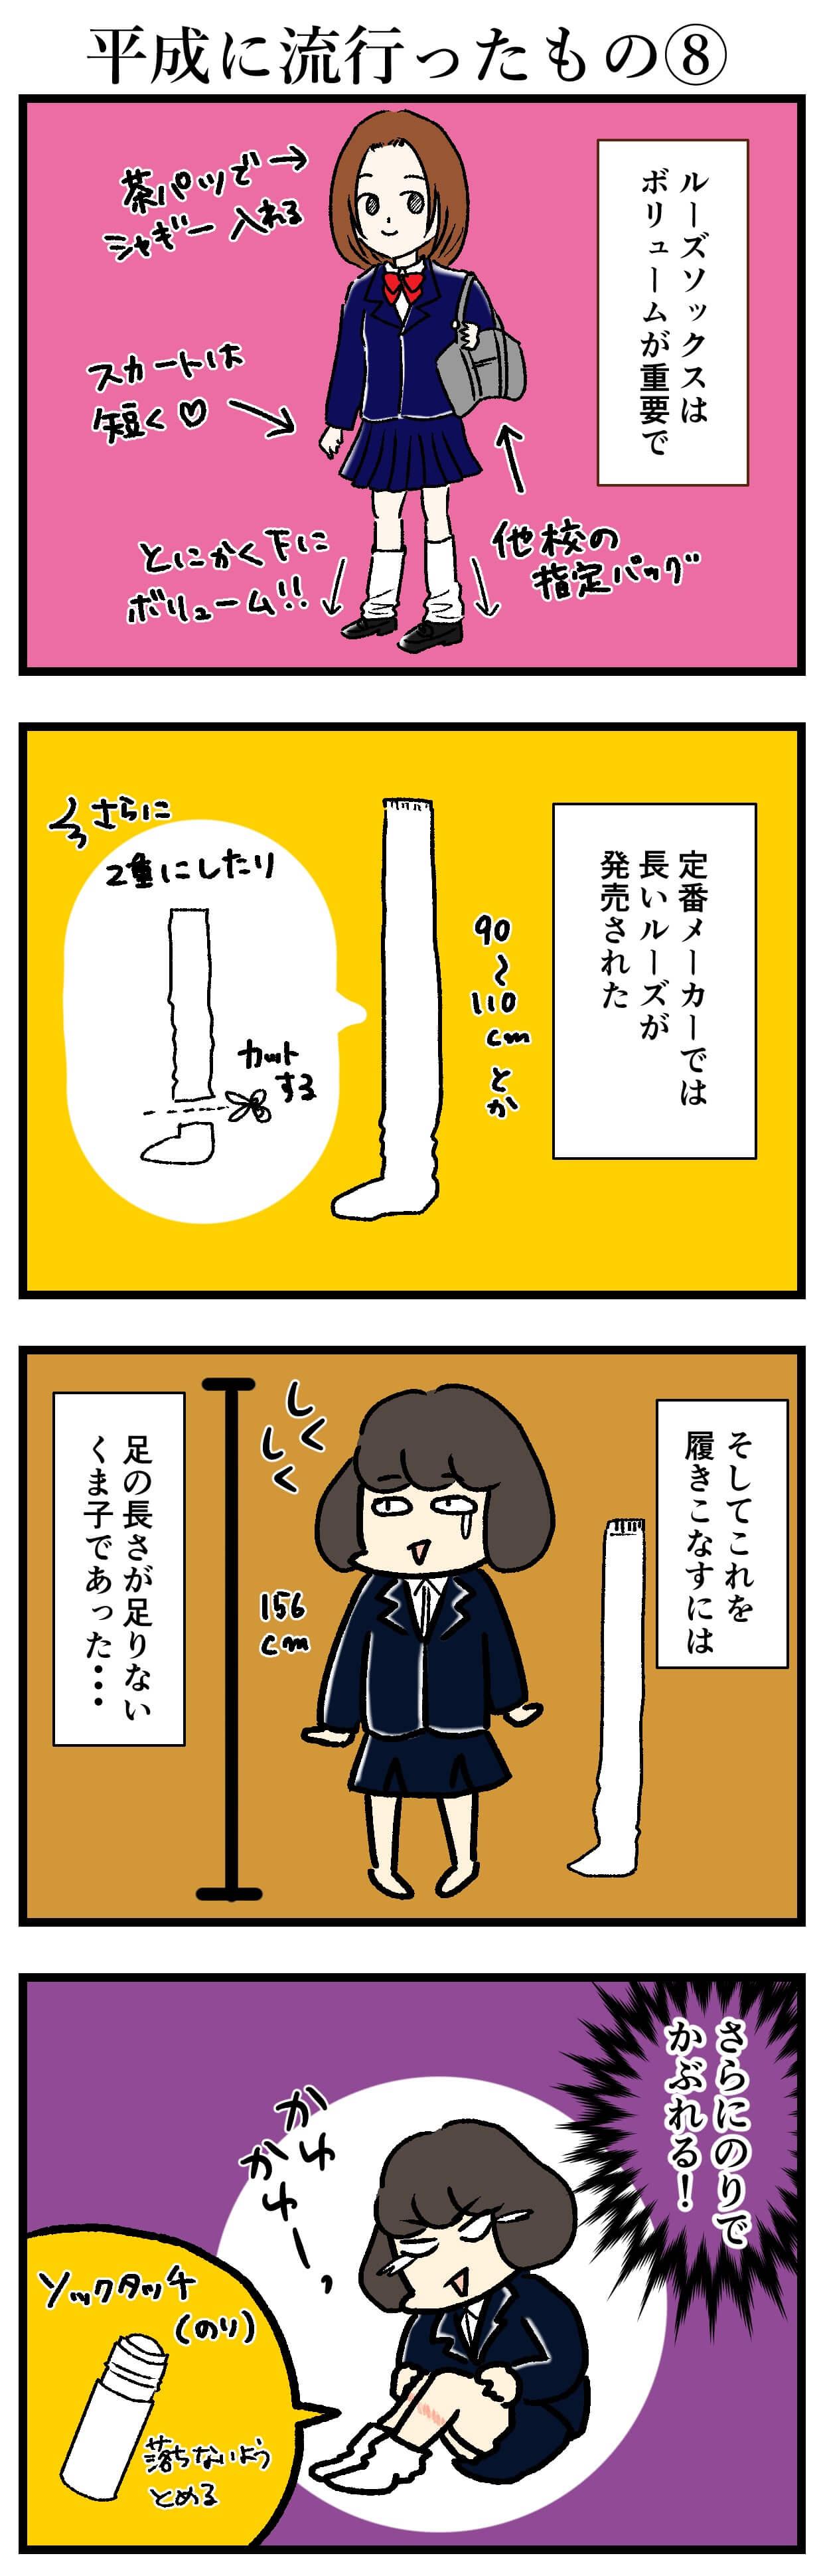 【エッセイ漫画】アラサー主婦くま子のふがいない日常(110)